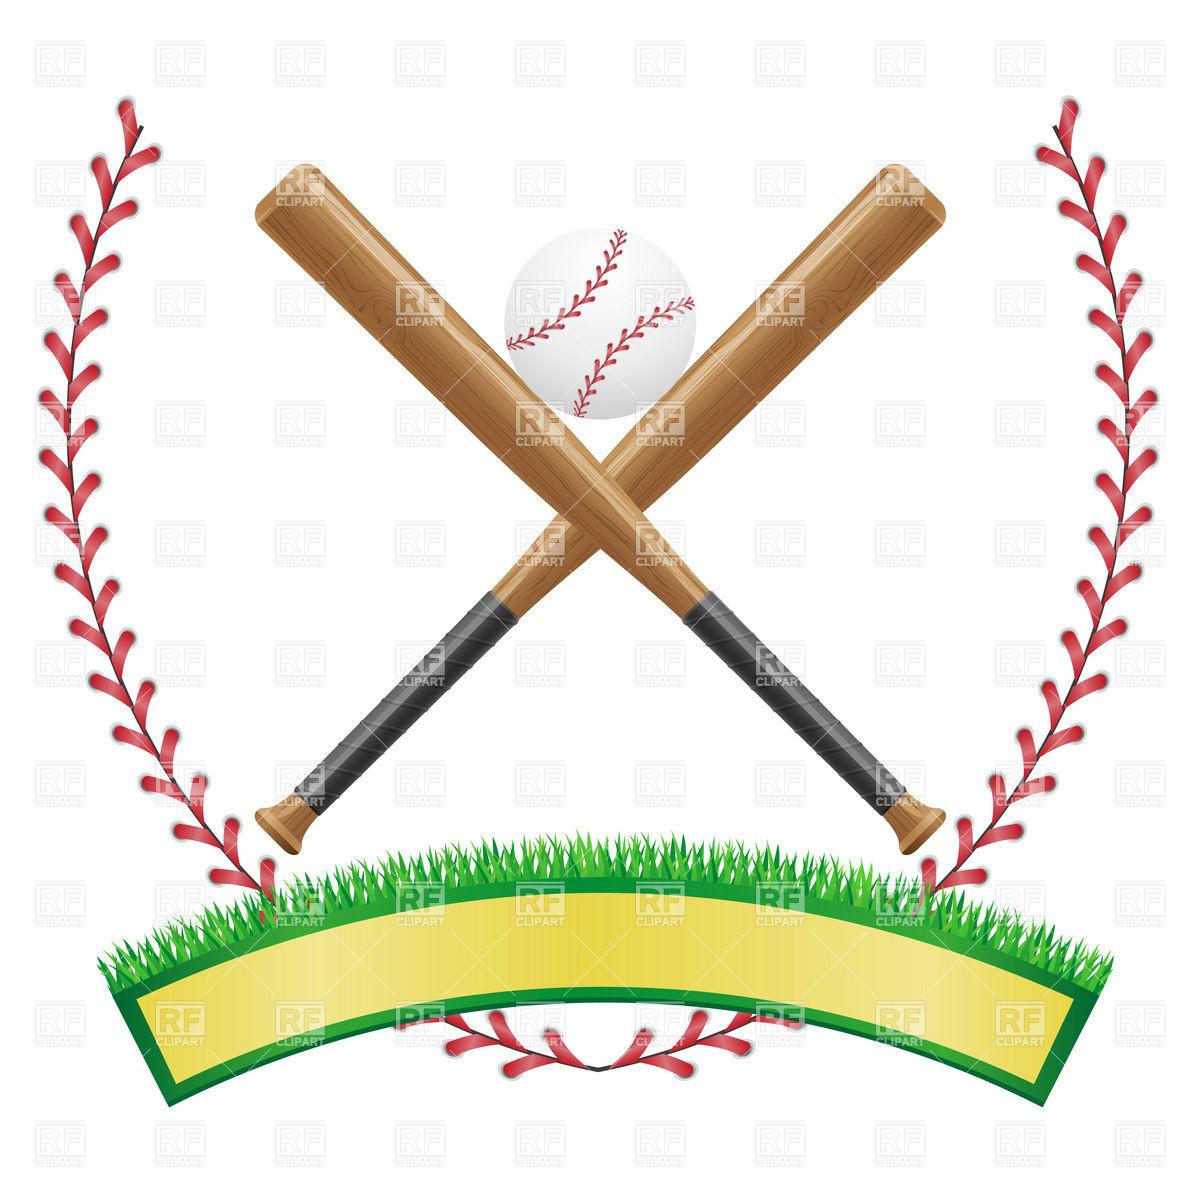 1200x1200 Baseball Emblem With Banner, Ball And Baseball Bats Royalty Free